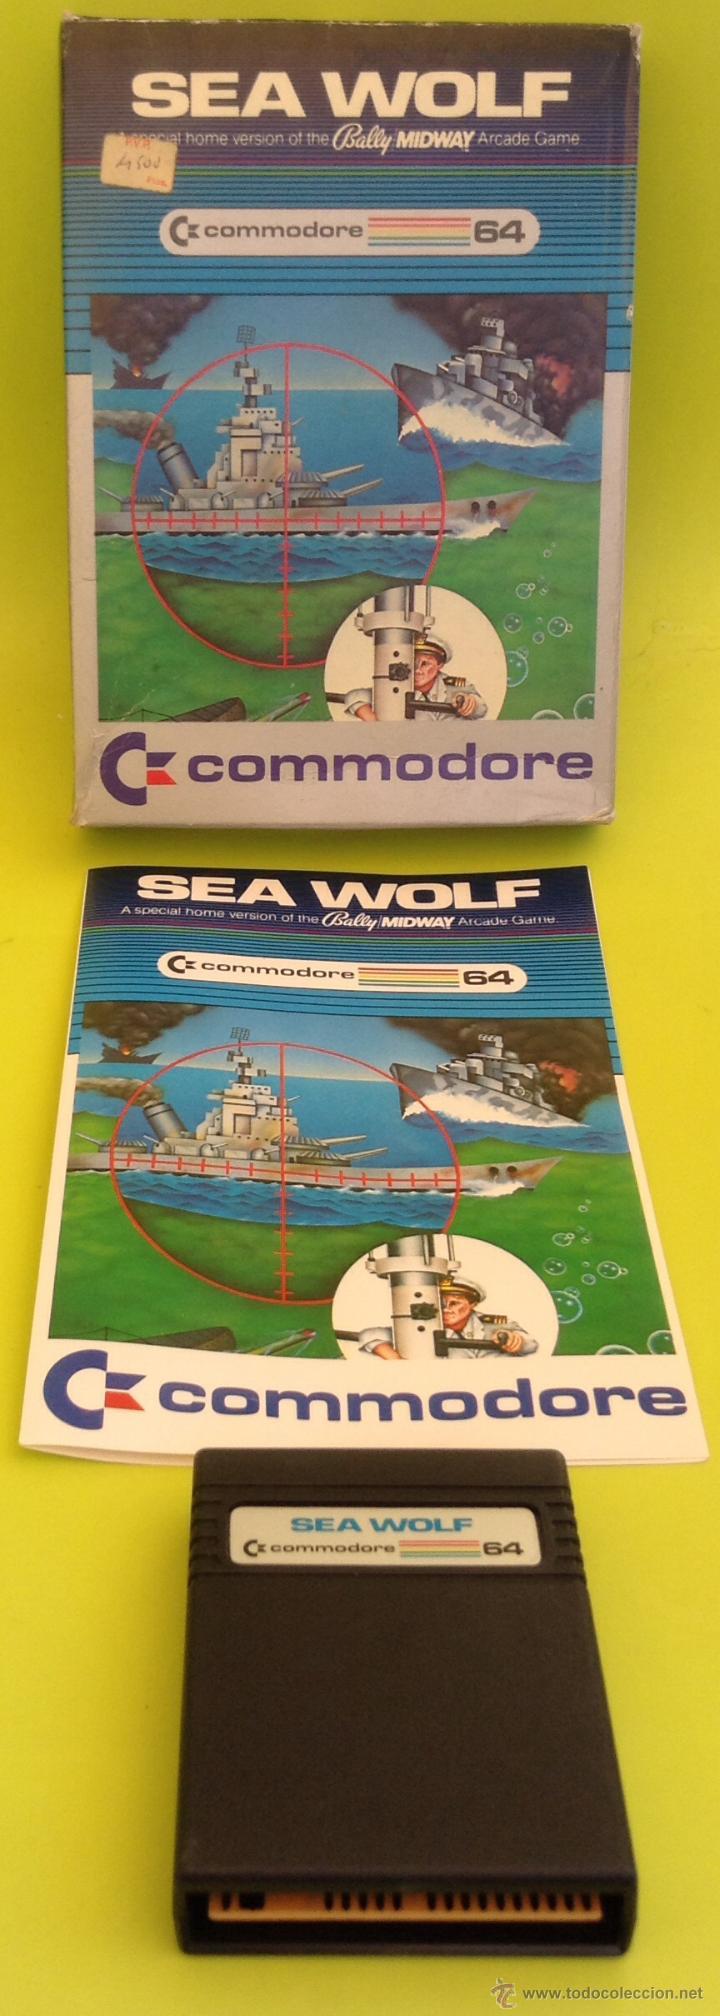 JUEGO DE ORDENADOR RETRO VINTAGE COMMODORE 64 CARTUCHO COMPLETO CAJA E INSTRUCCIONES SEA WOLF (Juguetes - Videojuegos y Consolas - Commodore)